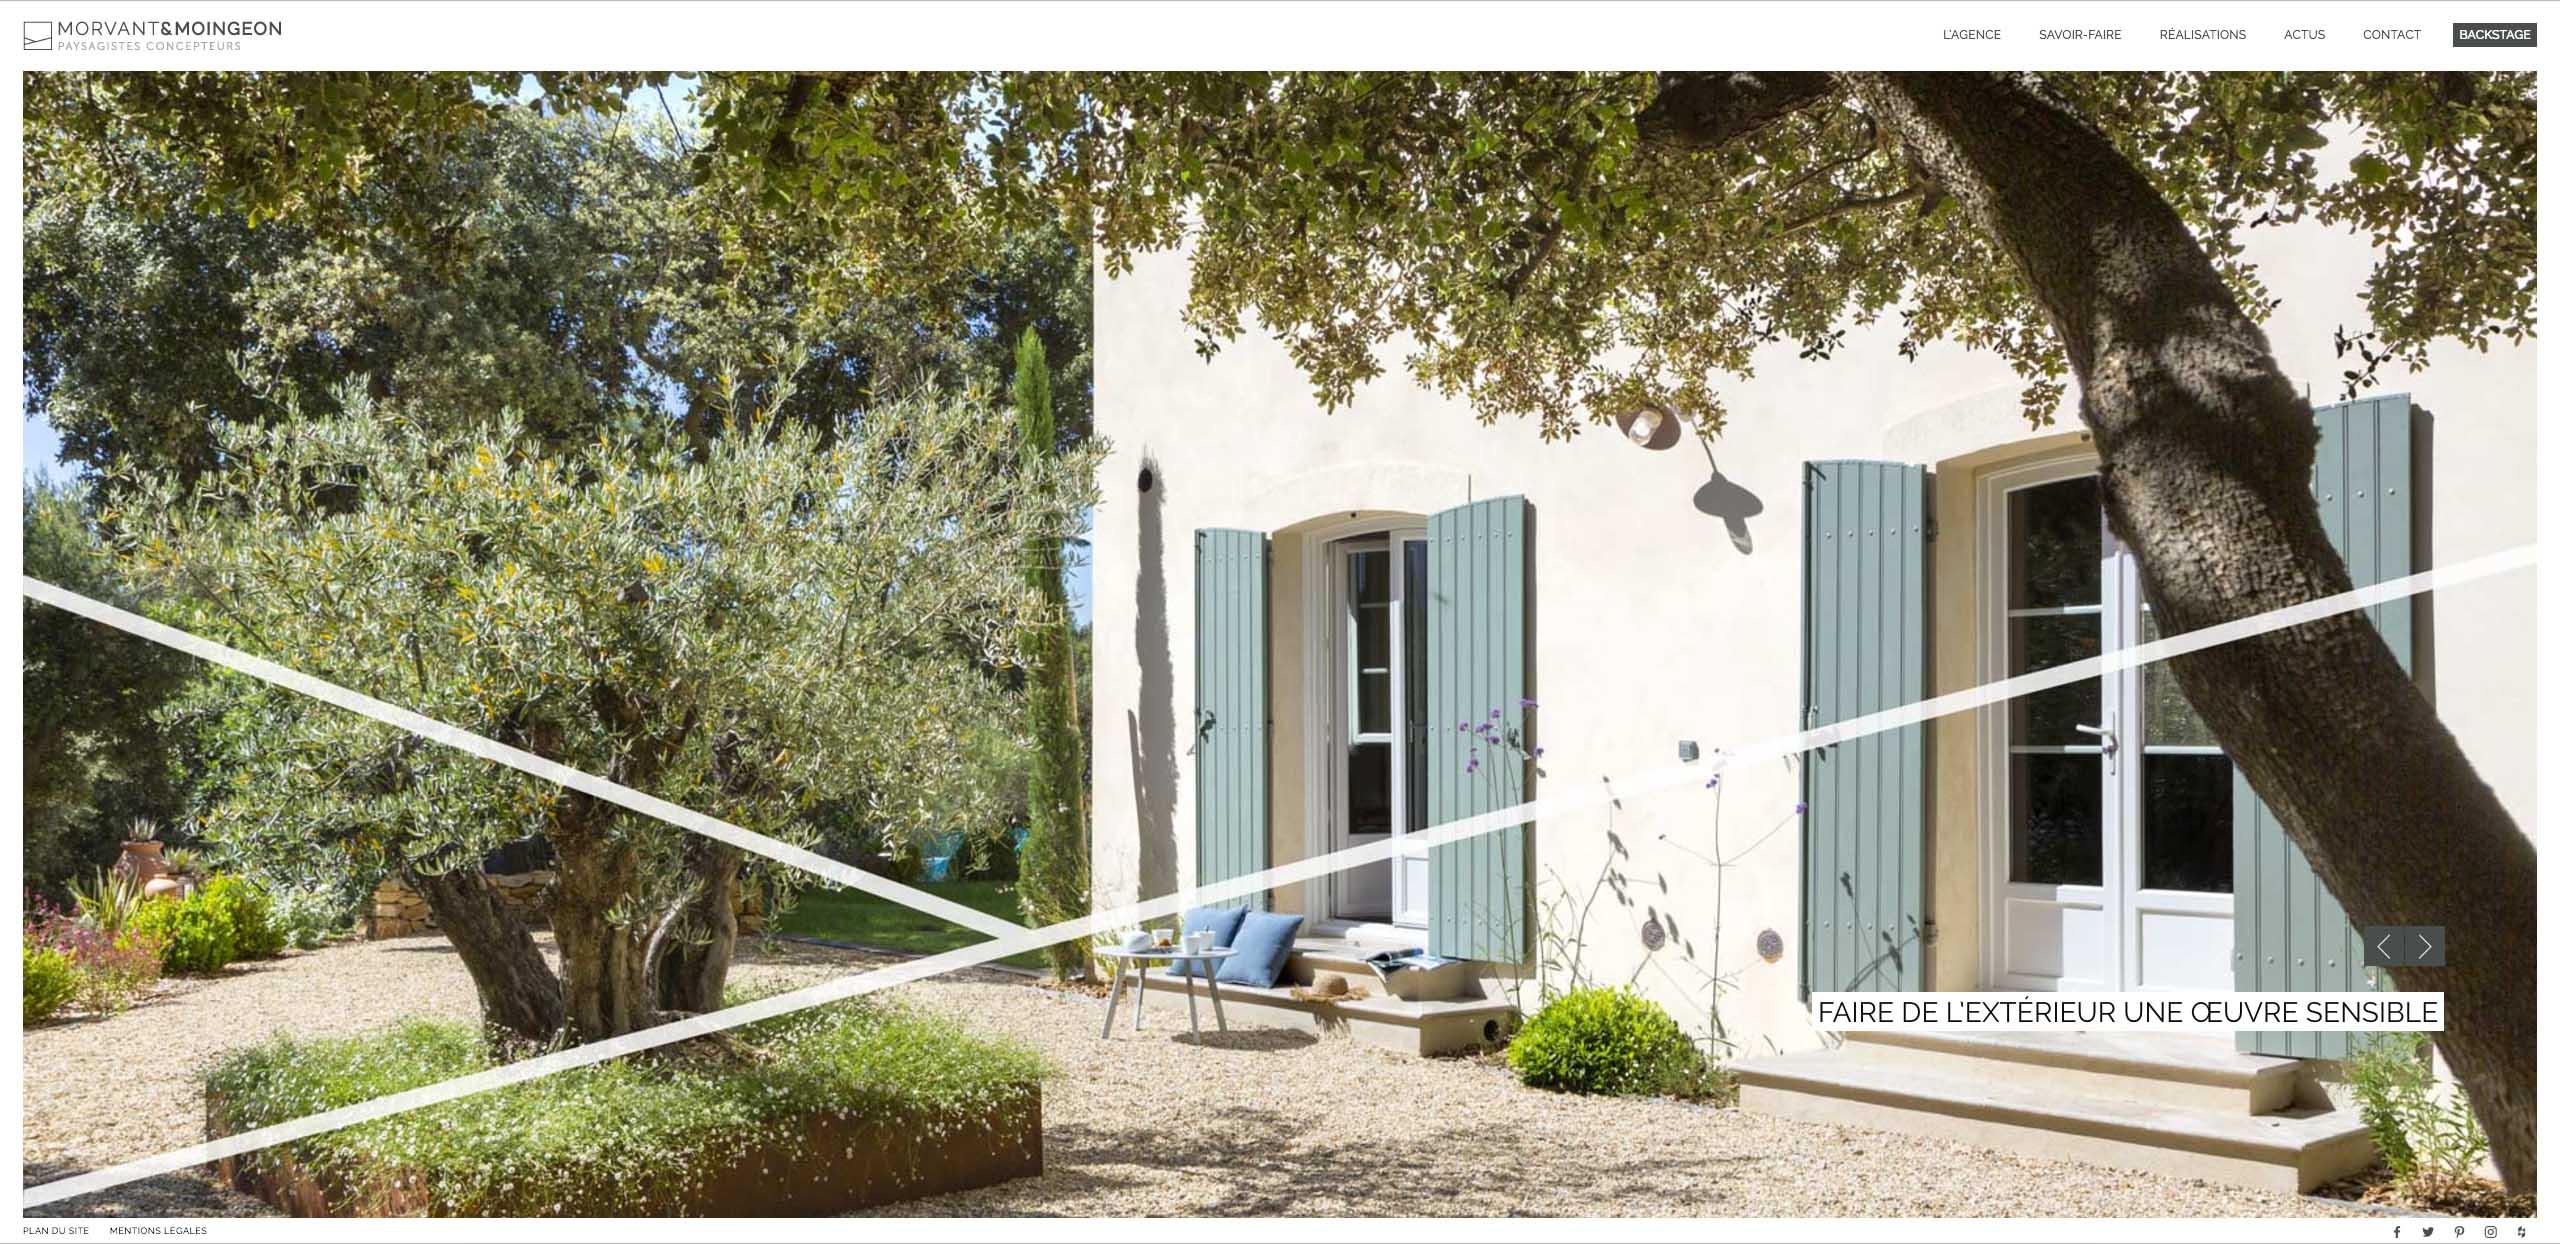 Architecte Paysagiste Aix En Provence agence morvant & moingeon - architecte paysagiste - aix en provence